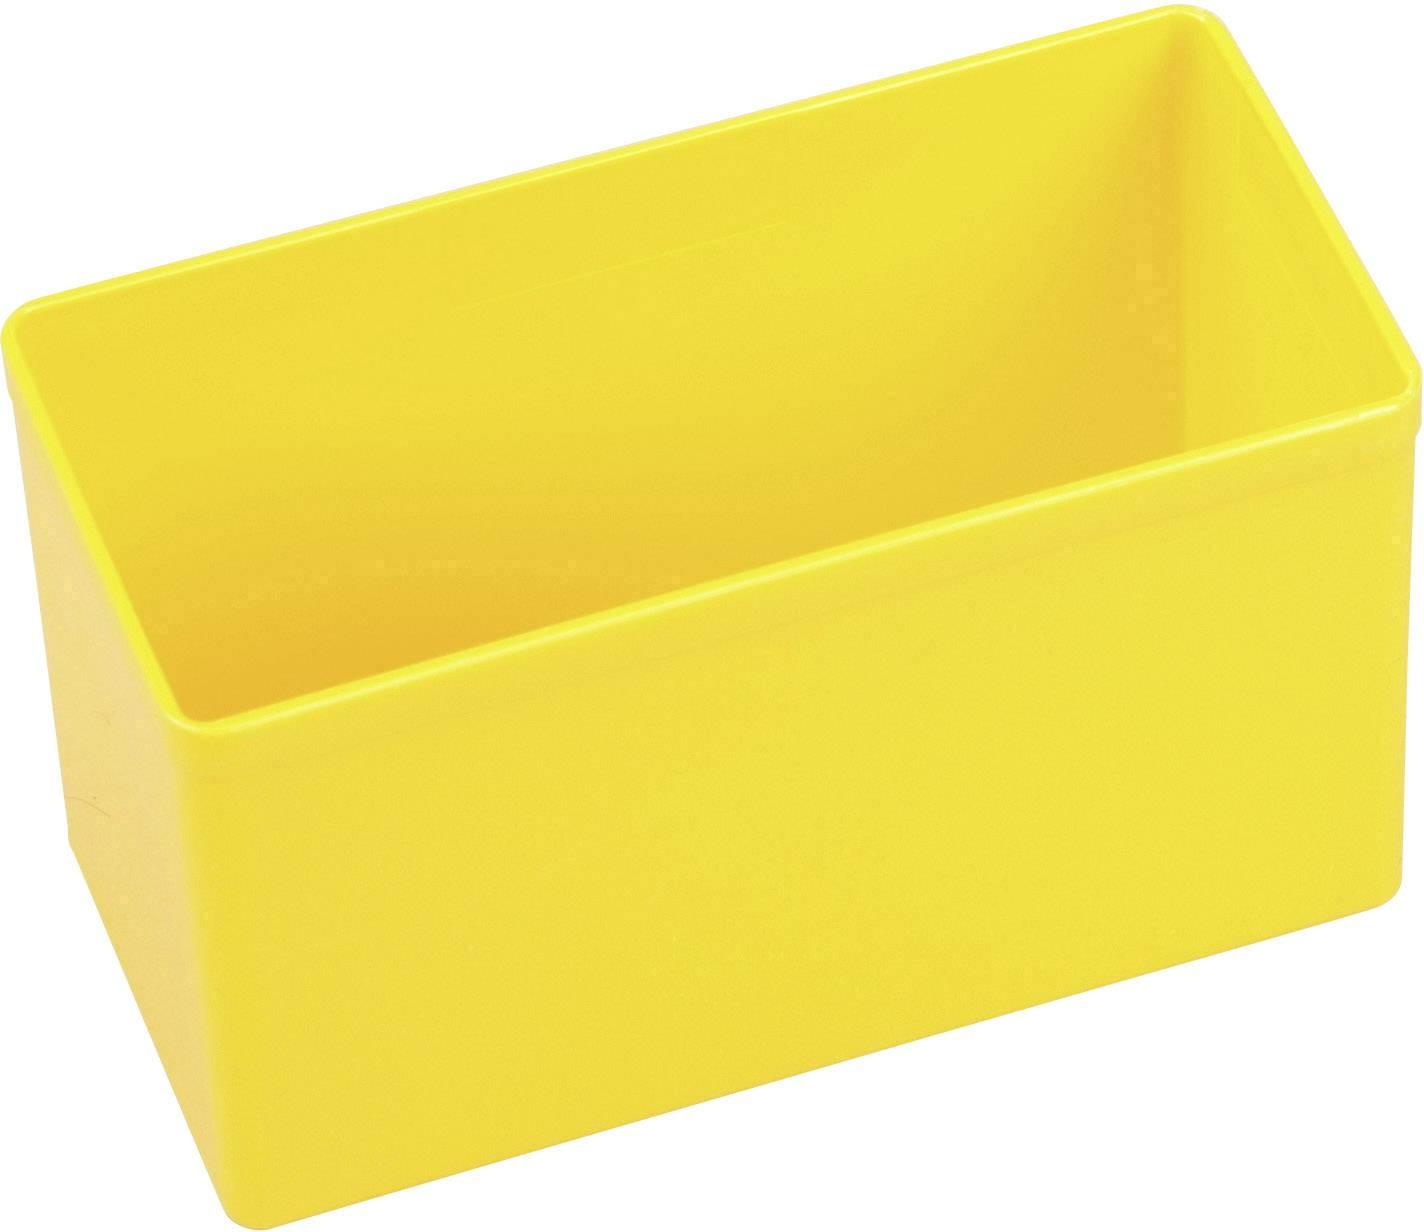 Vložka do kufříku na součástky Allit, 456306, 54 x 108 x 63 , žlutá